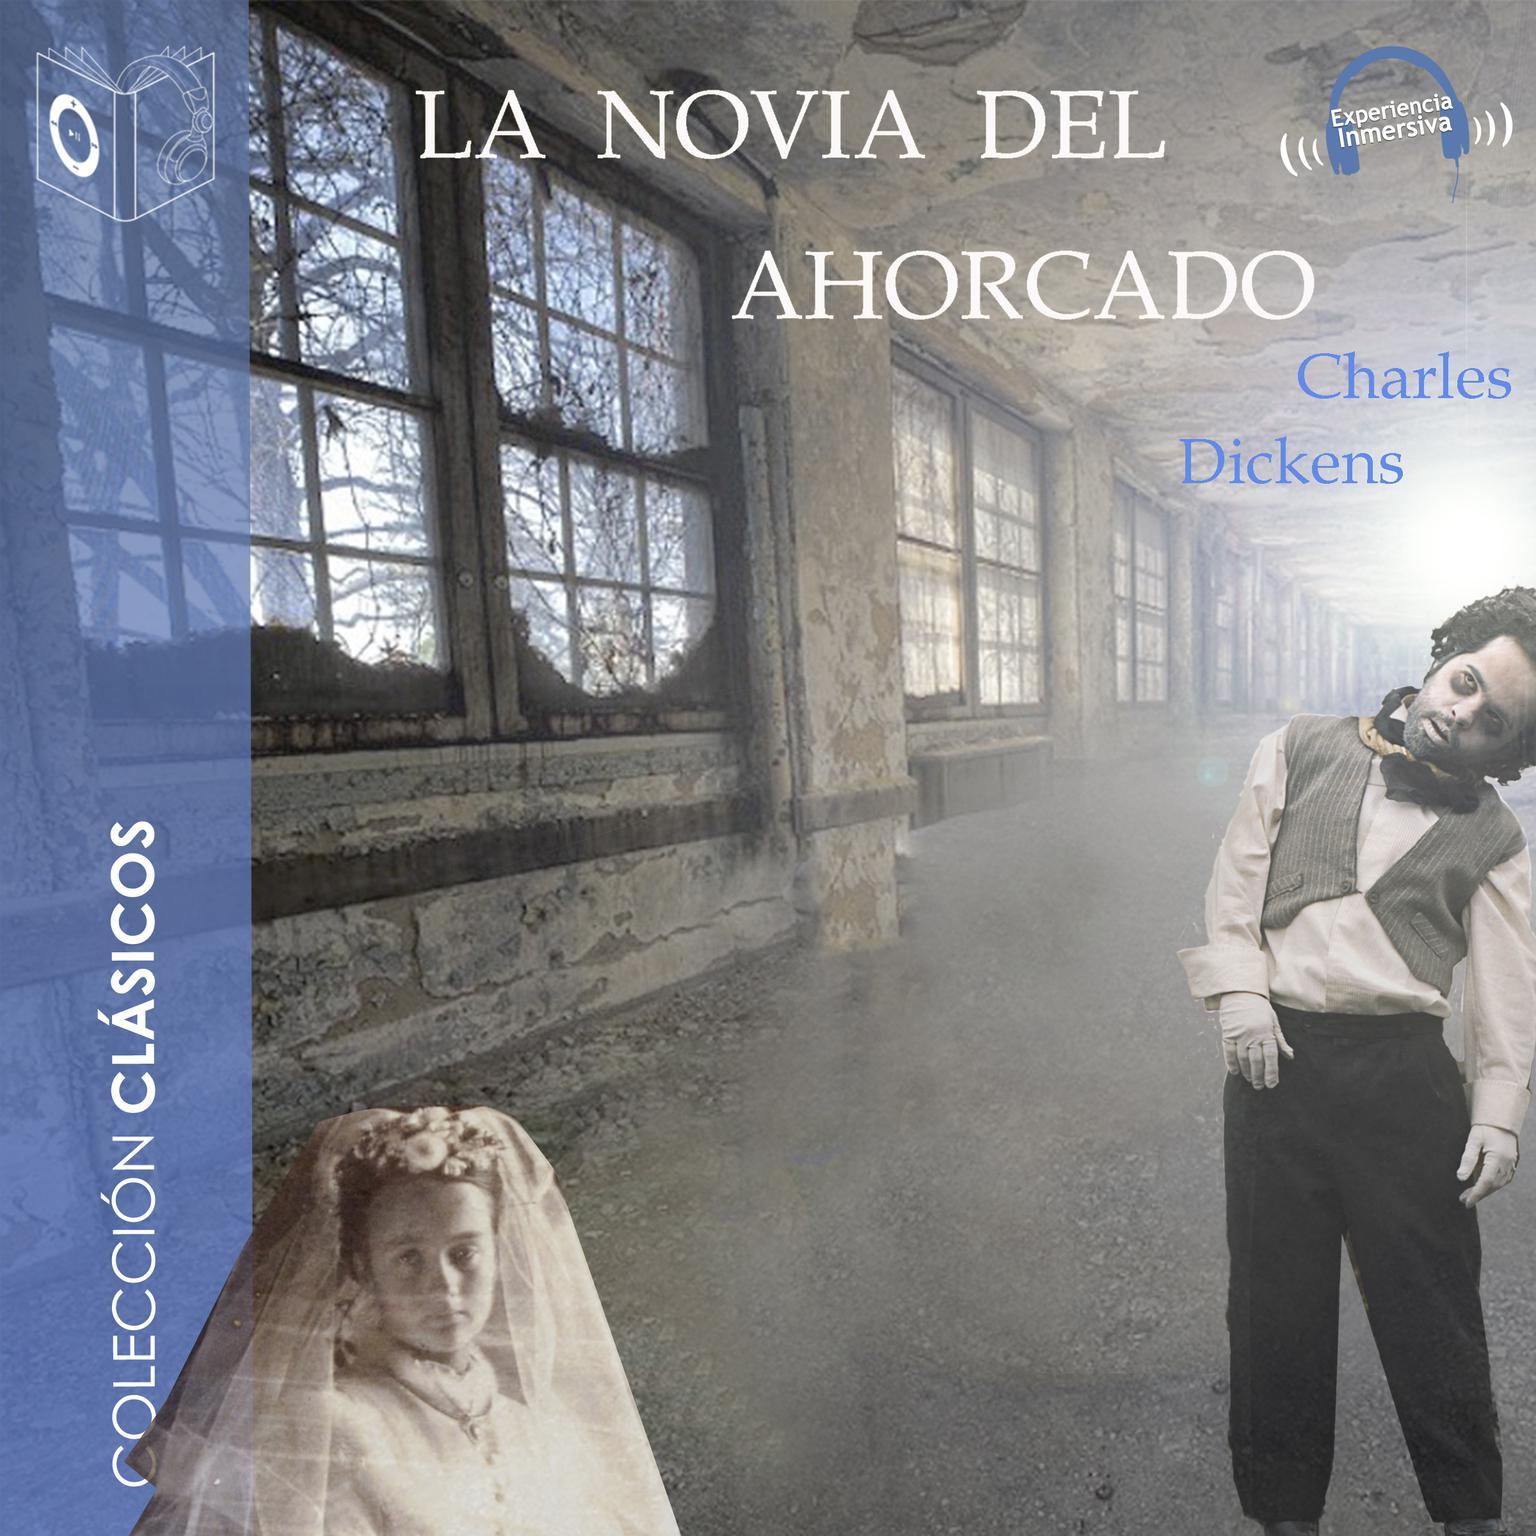 La novia del ahorcado Audiobook, by Charles Dickens